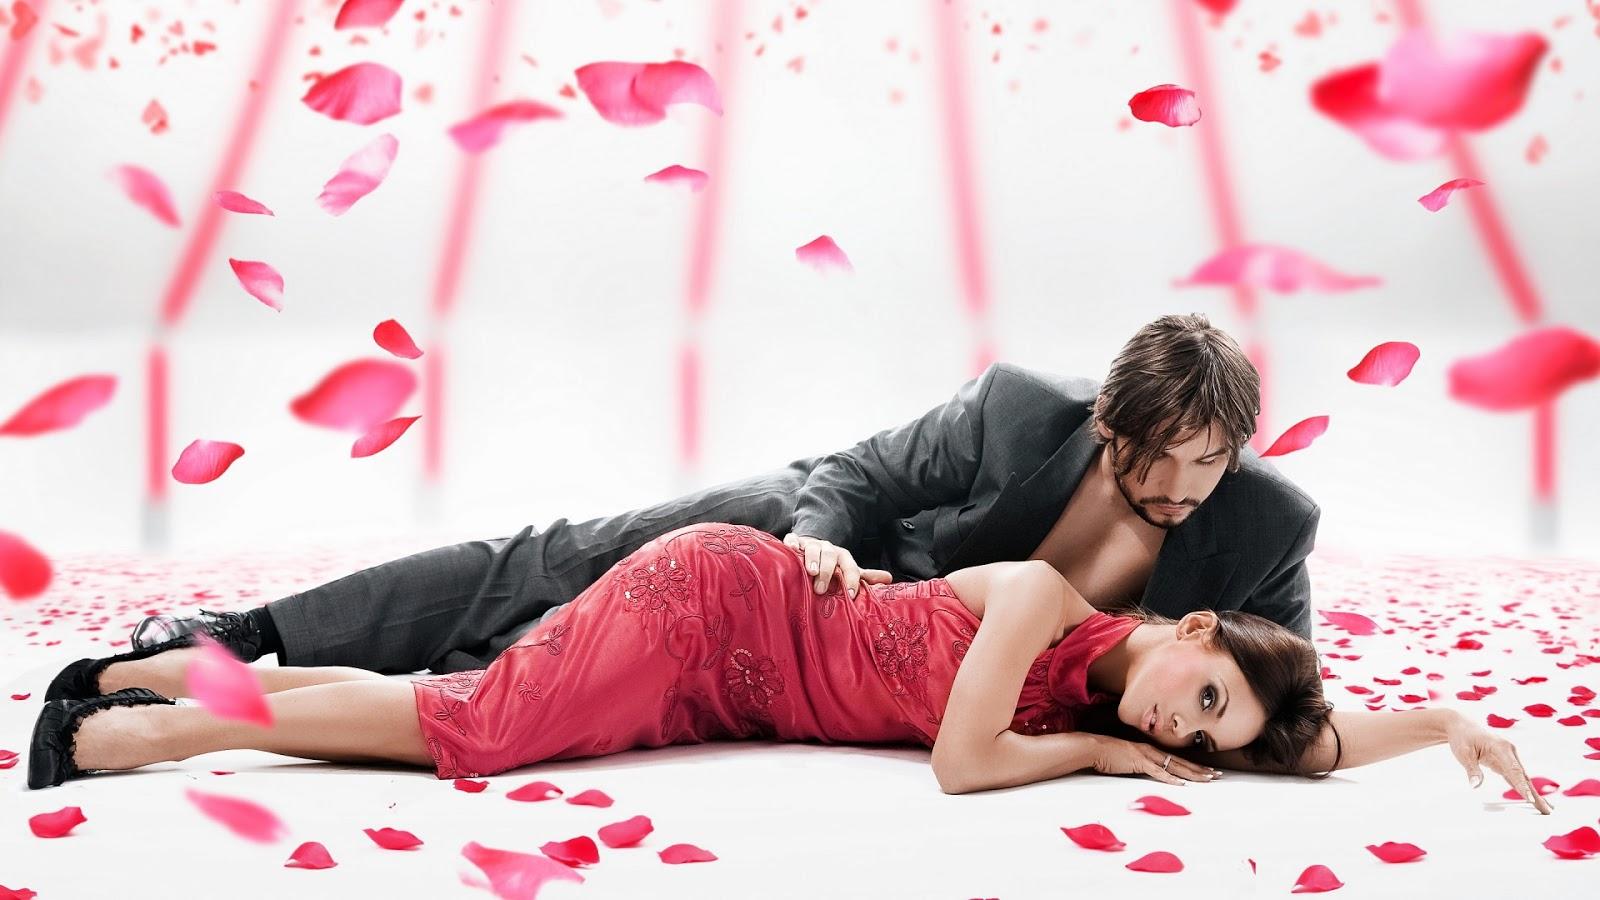 Hot love photo